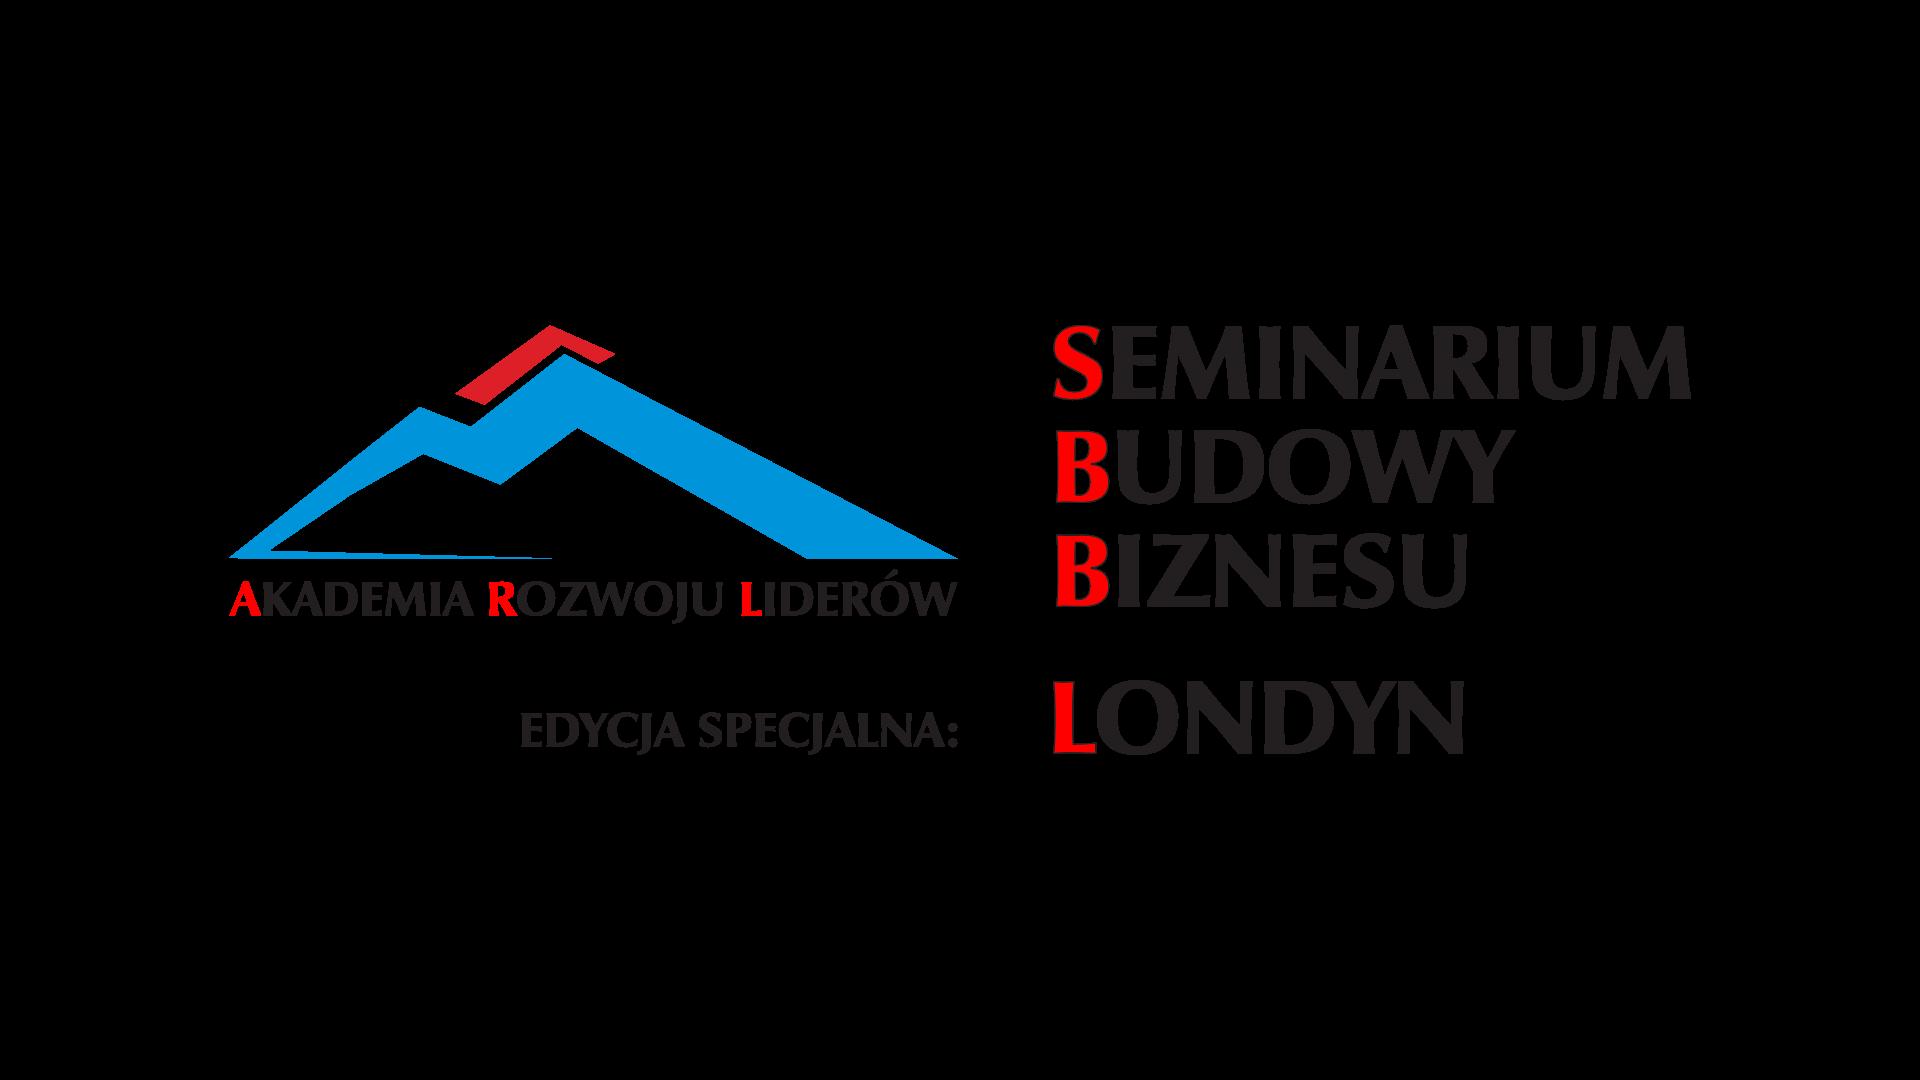 SBB Londyn